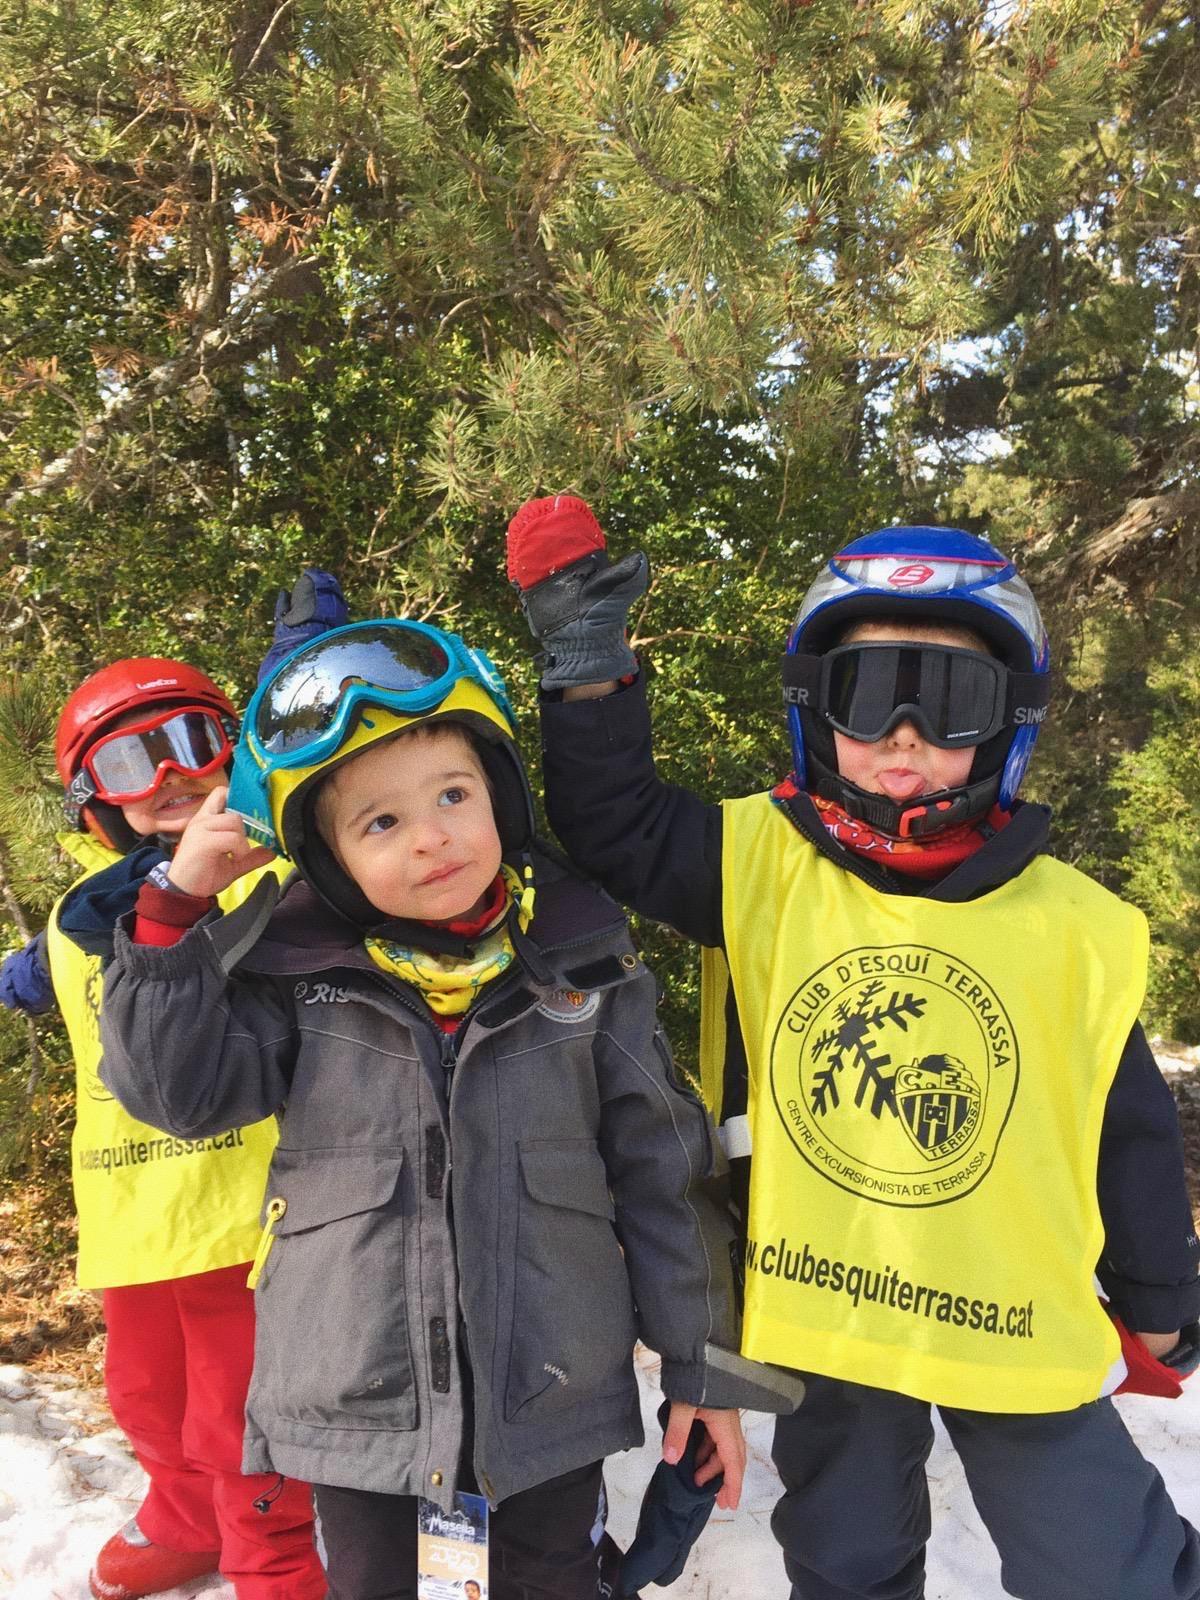 Curs d'esquí per nens